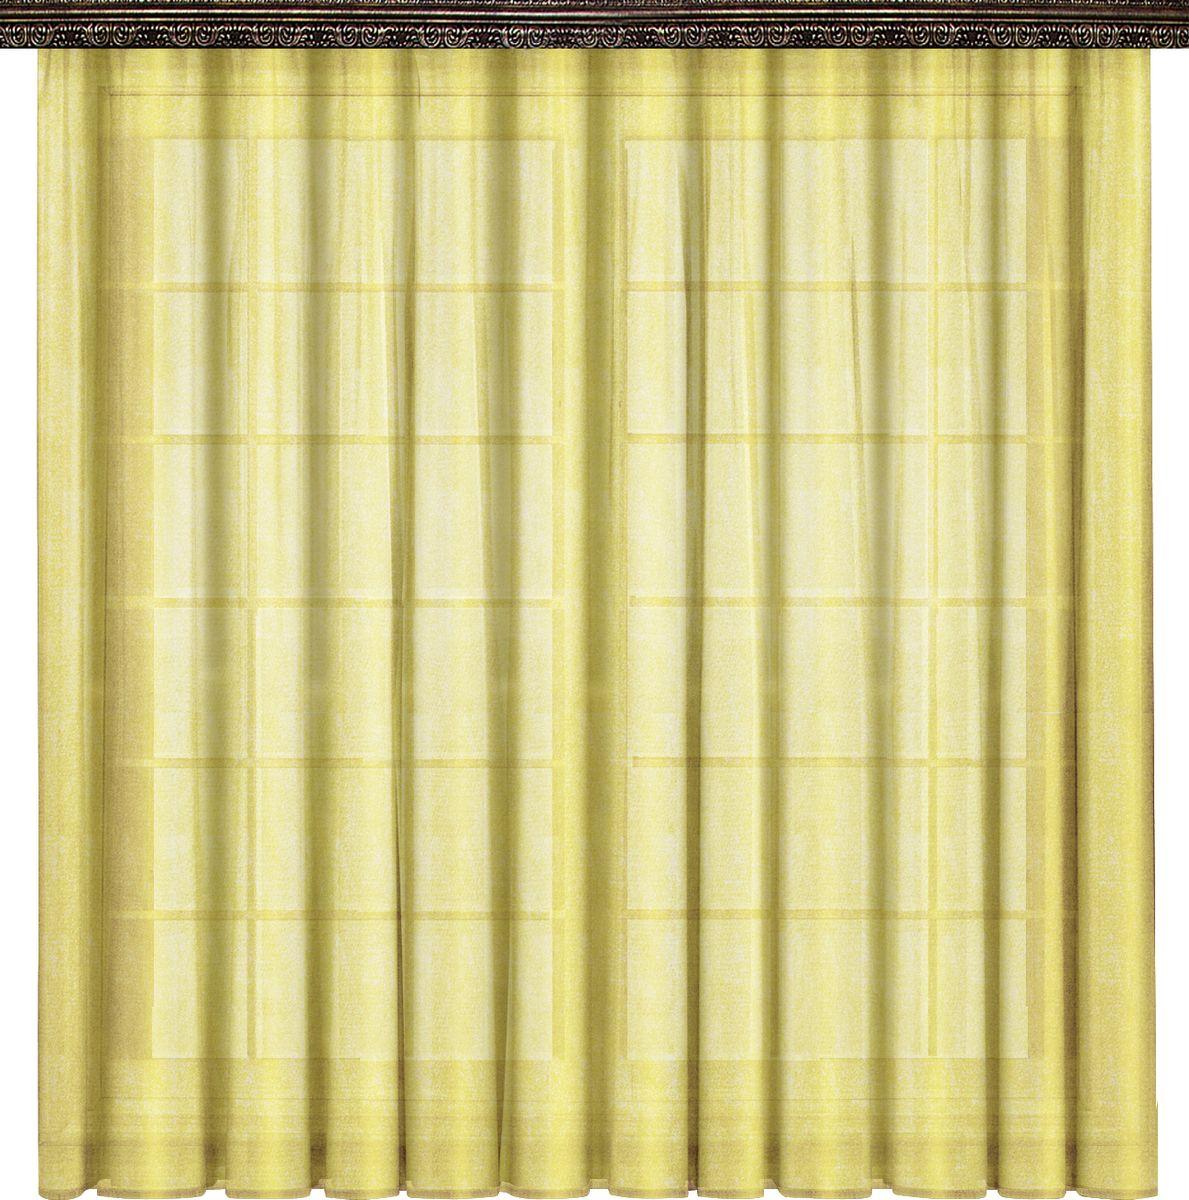 Тюль Zlata Korunka, на ленте, цвет: желтый, высота 270 смP608-7815/1Тюлевое полотно Органза  ширина 300см. Высота 270 см. Крепление на шторной ленте.